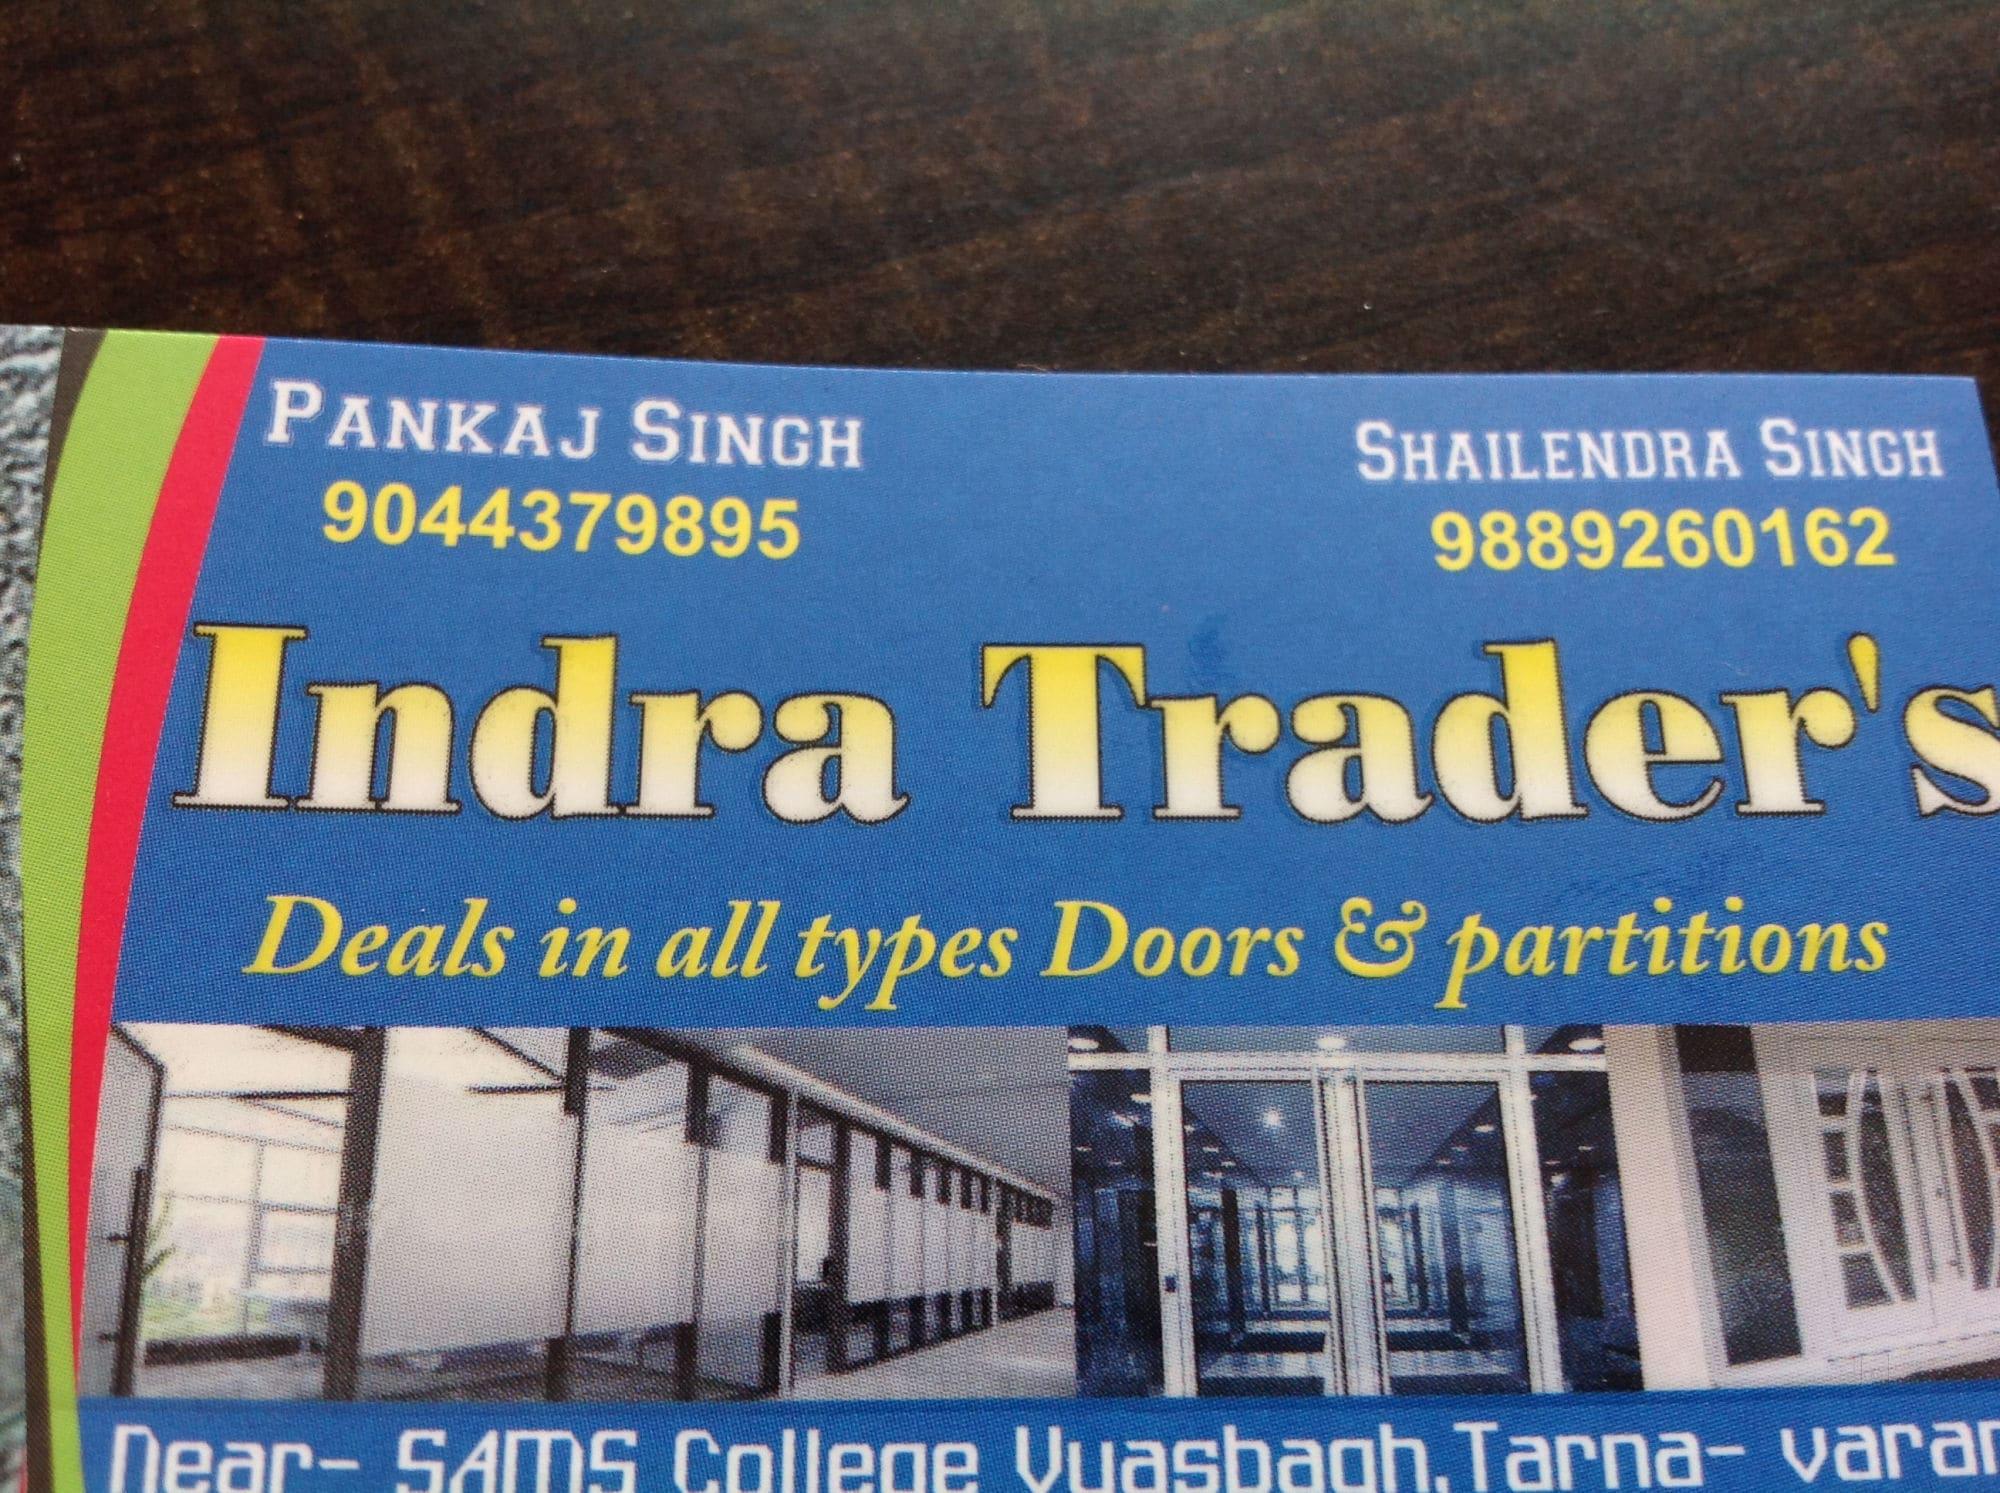 Top Karthik Pvc Door Dealers in Lanka - Best Karthik Pvc